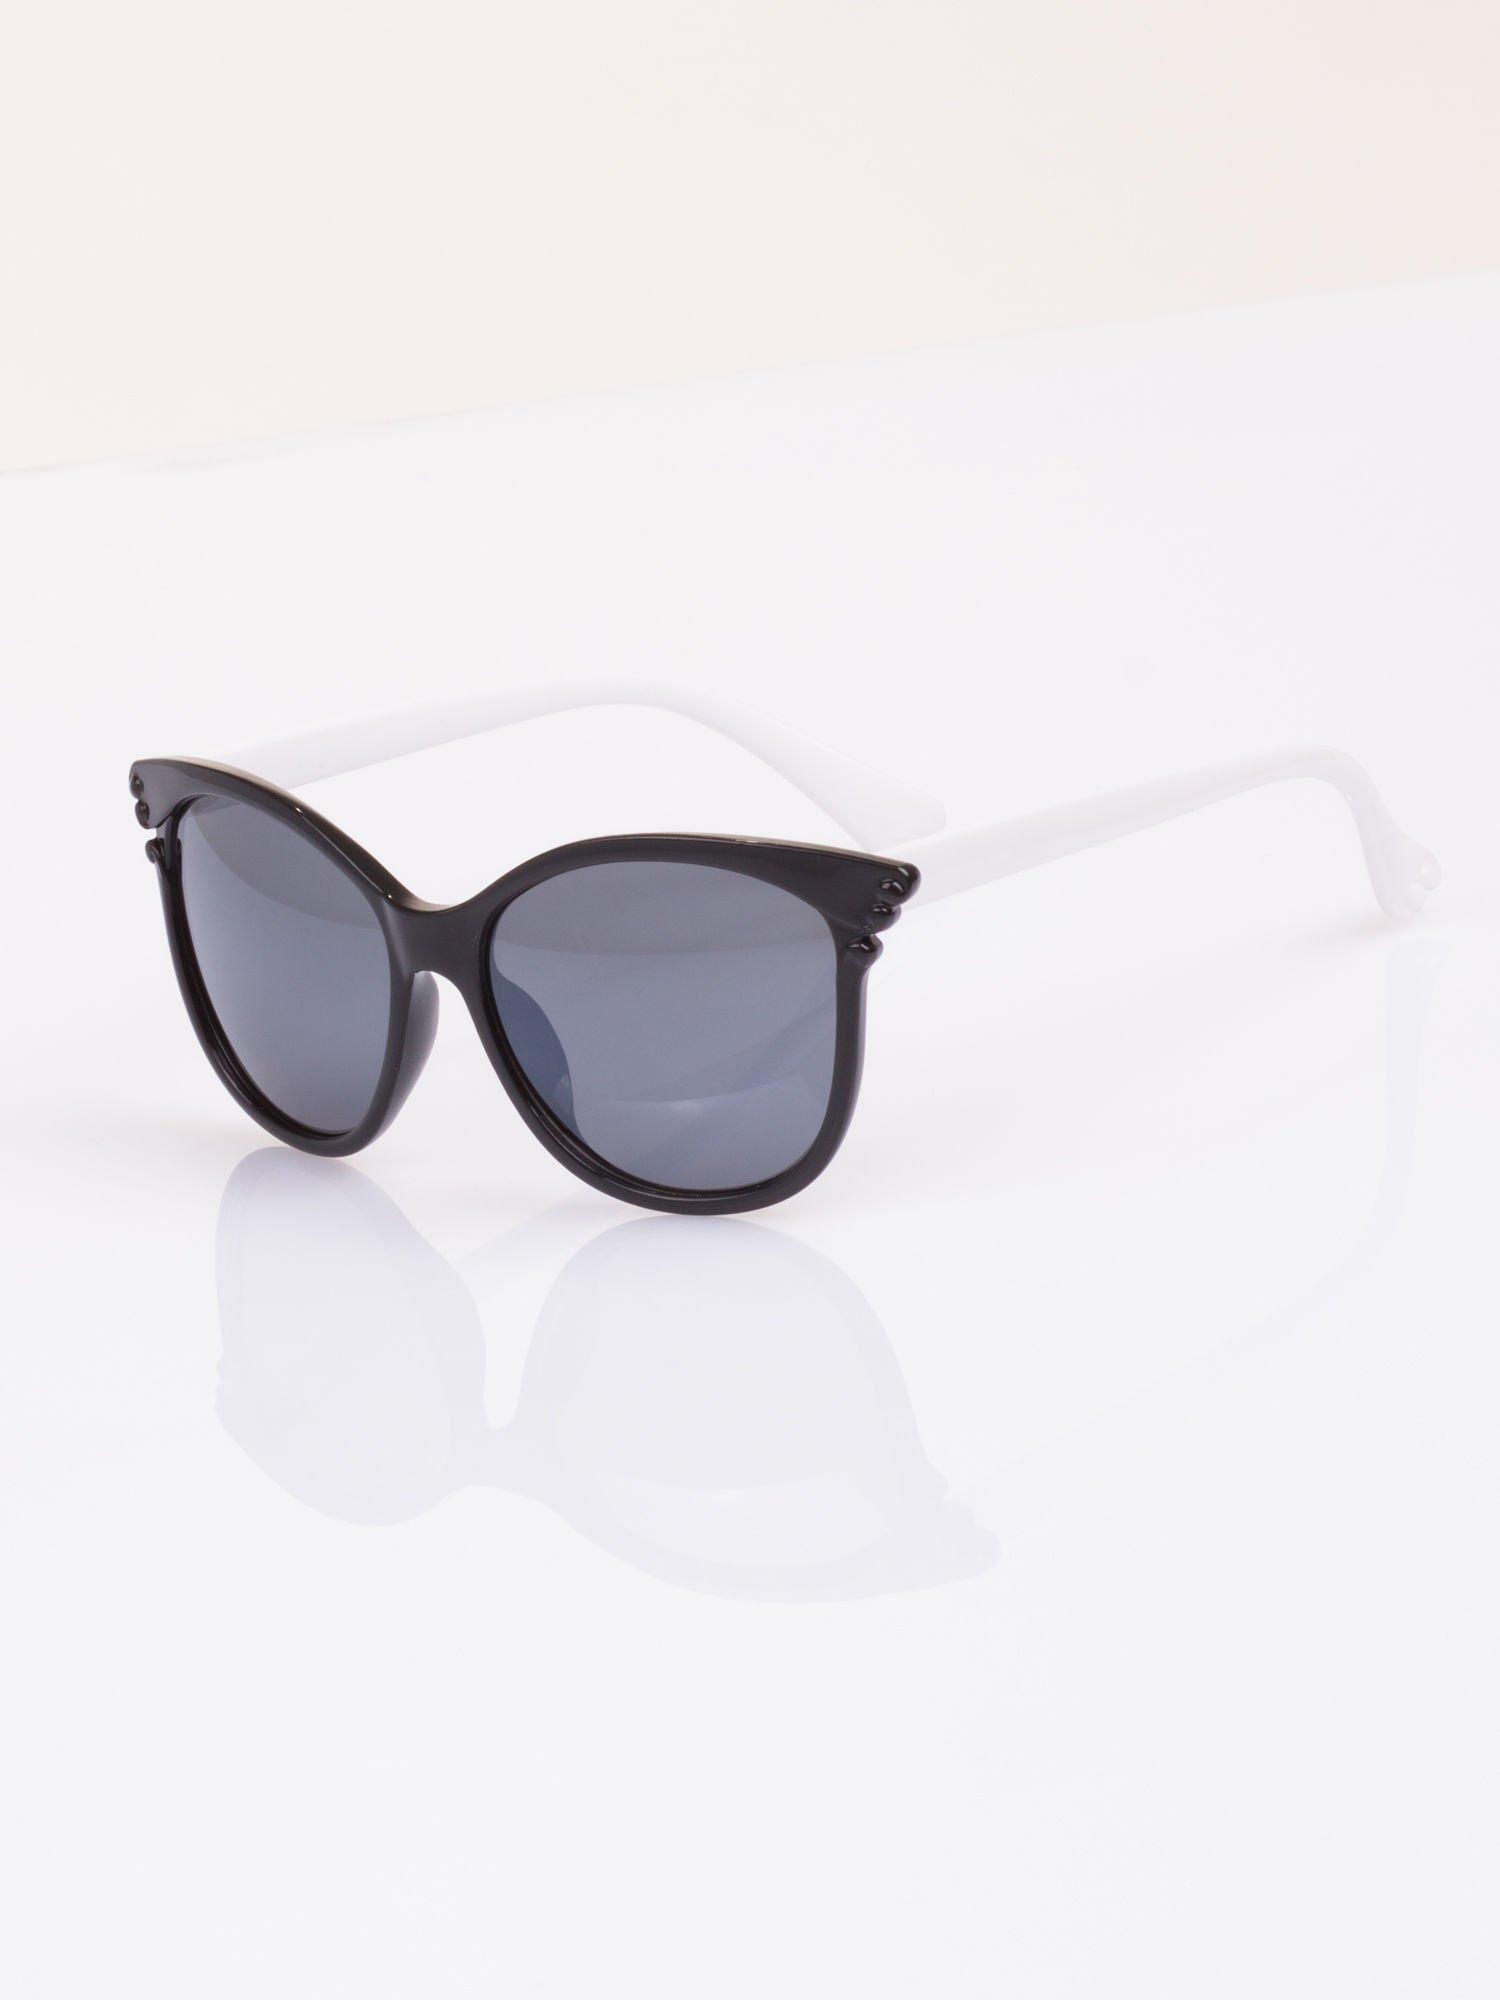 45acaeef1d0d48 Okulary przeciwsłoneczne damskie